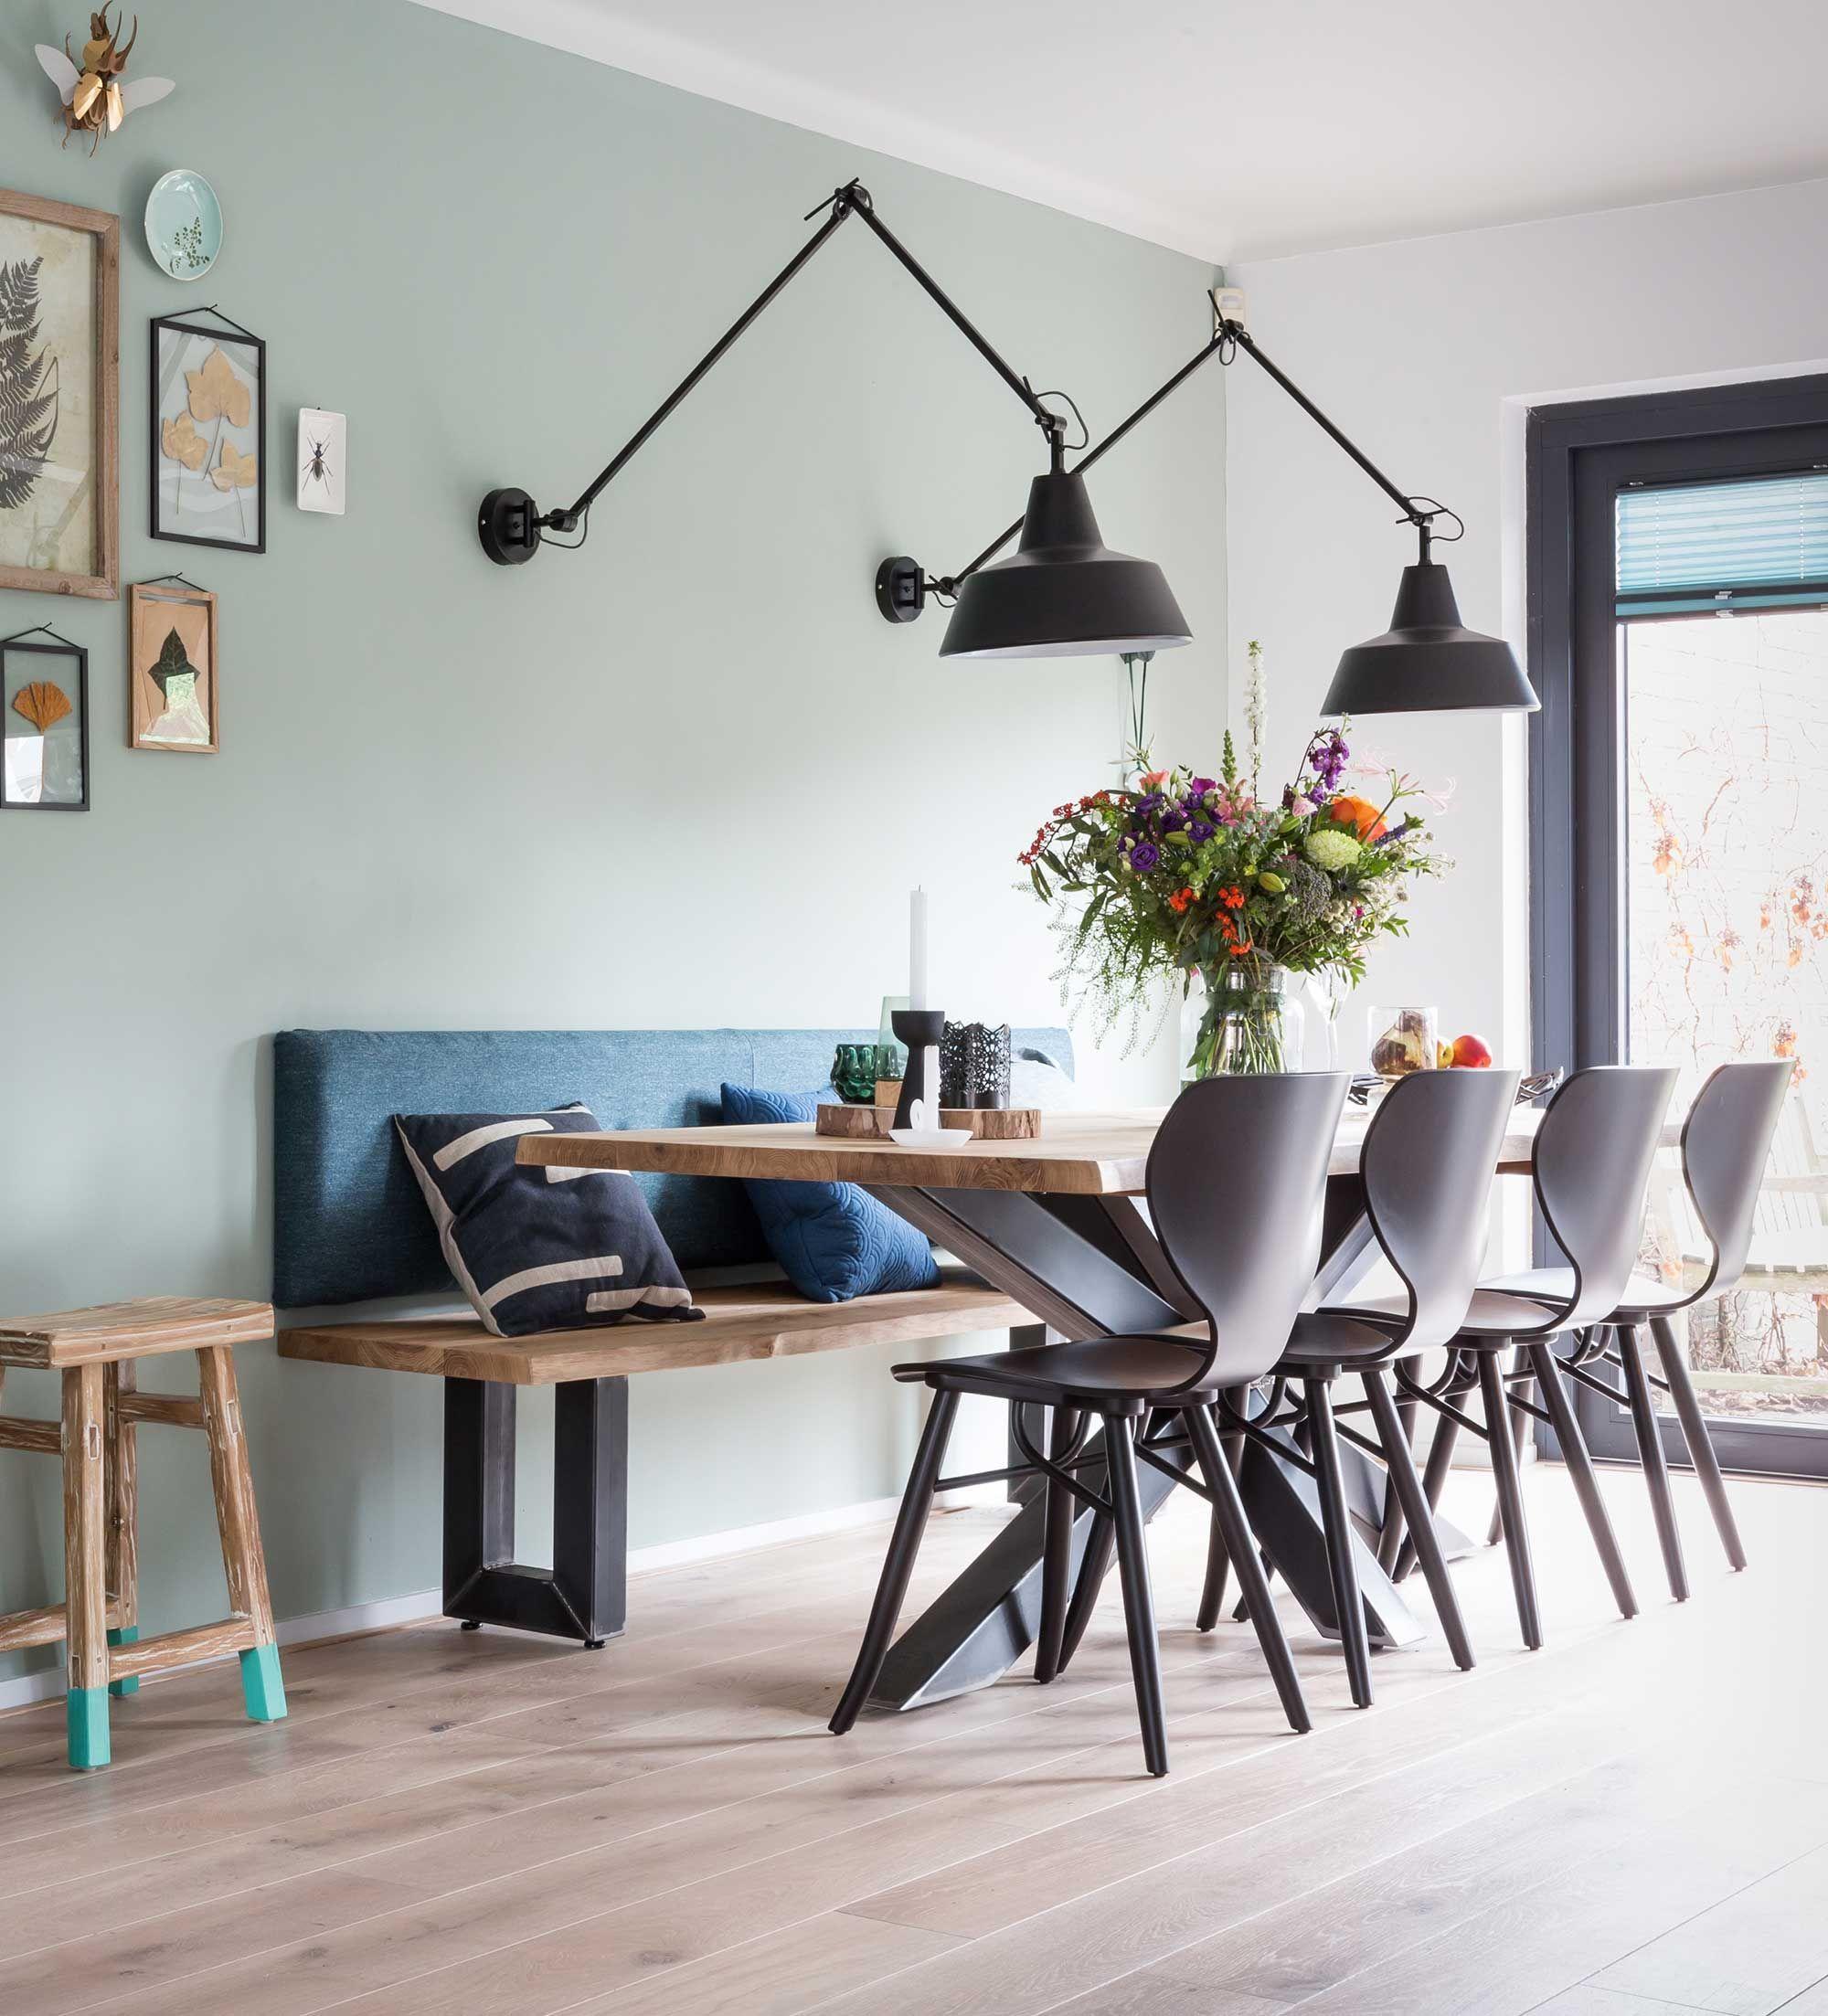 Dining room wall decor Eethoek van